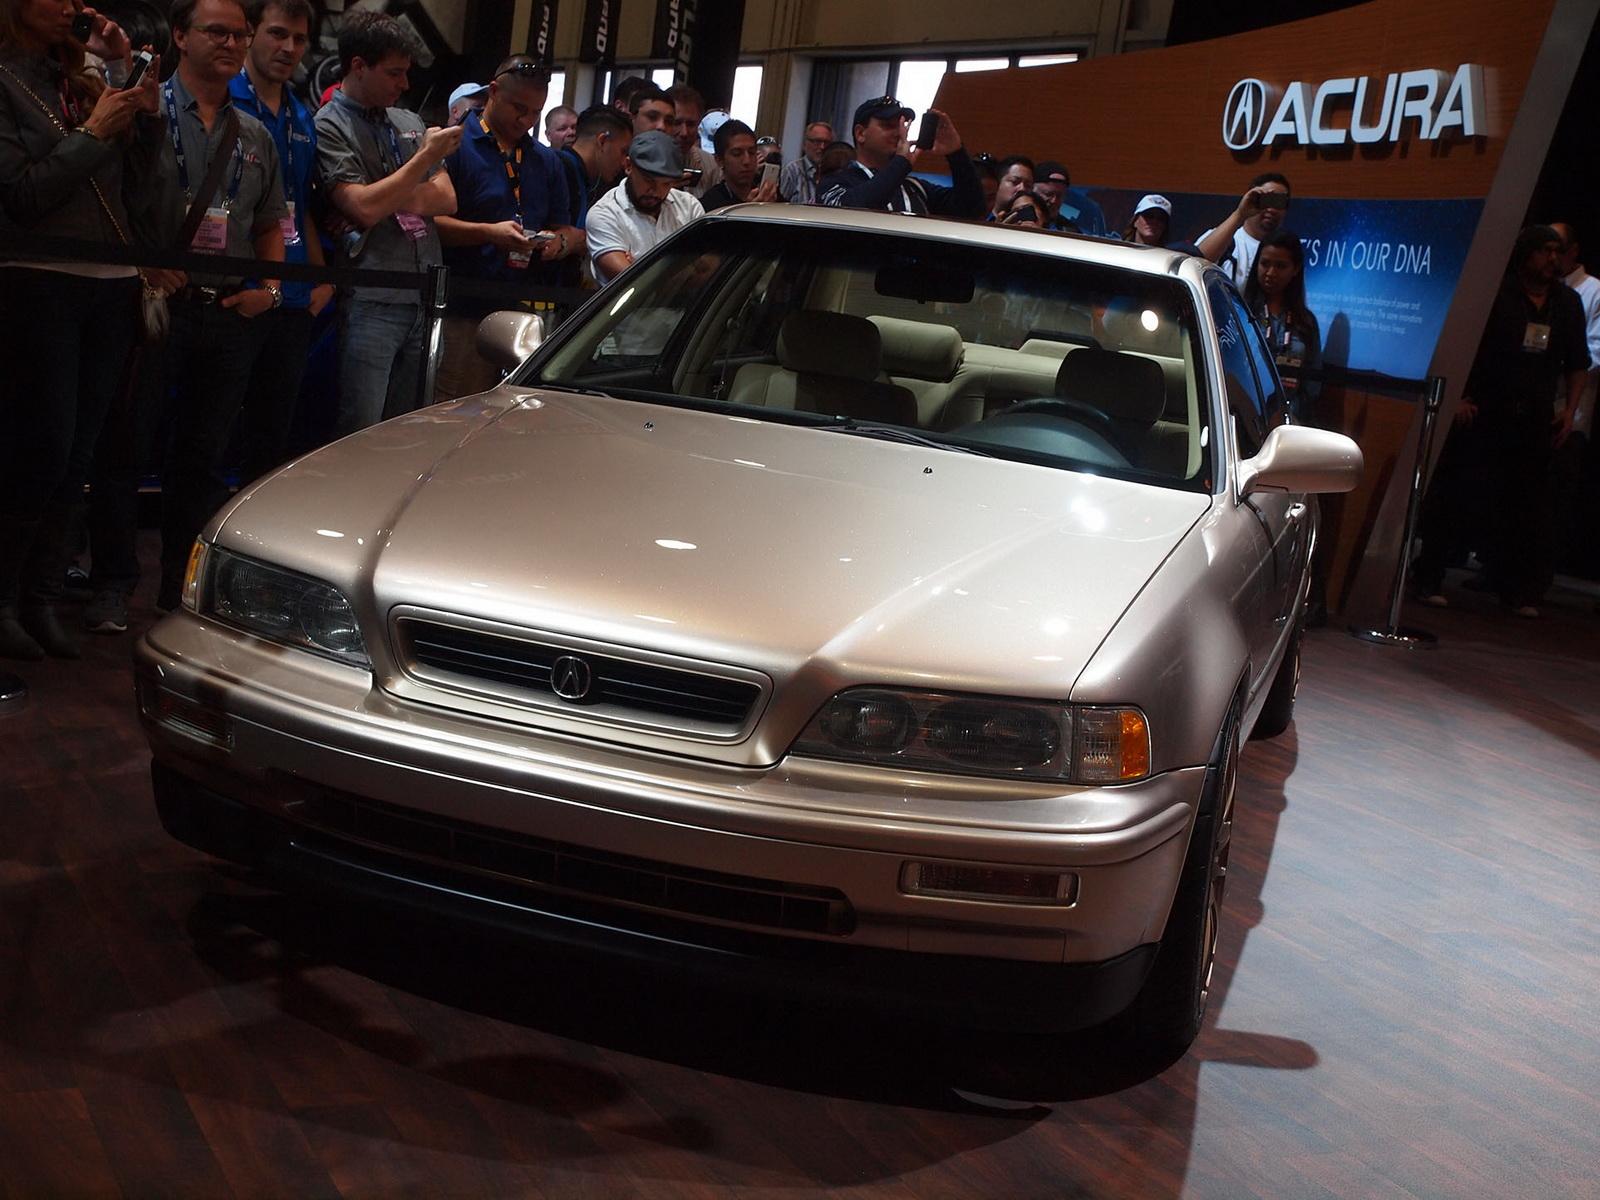 Acura B Bsema Bshow B B on 1993 Acura Legend